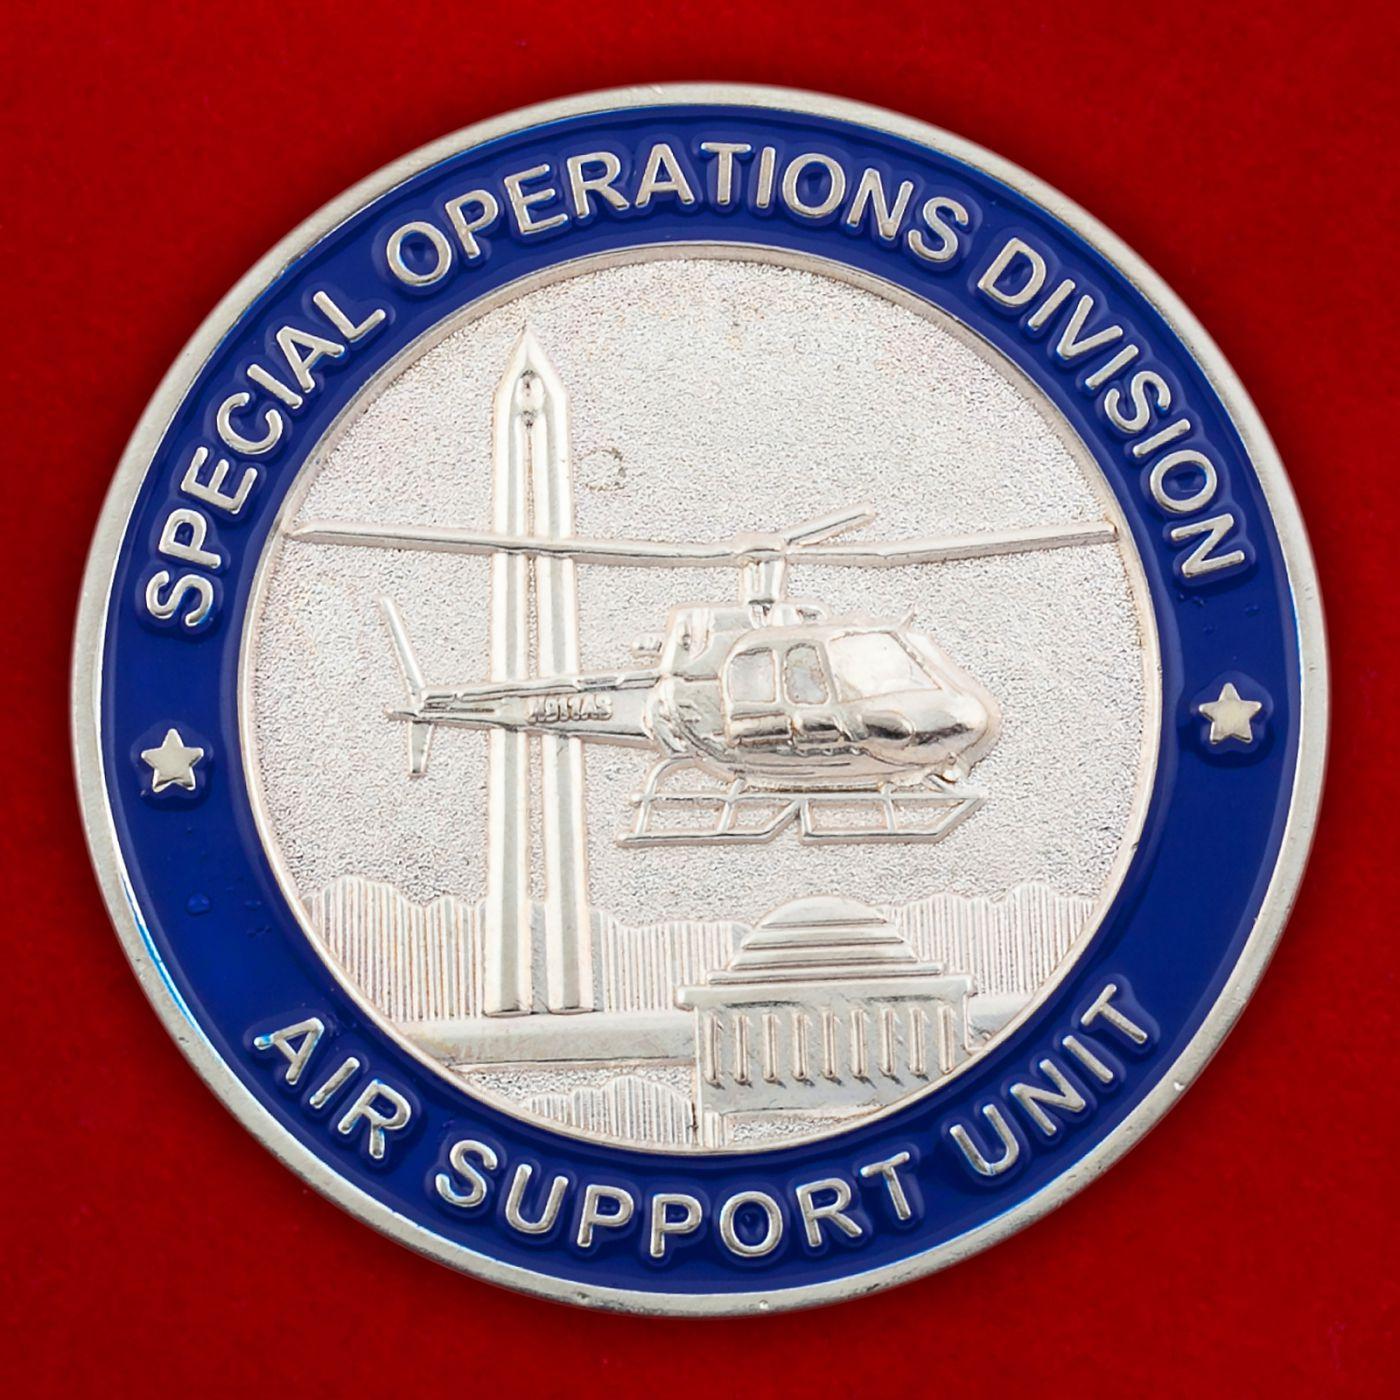 Челлендж коин подразделения авиационной поддержки отдела спецопераций полиции Вашингтона